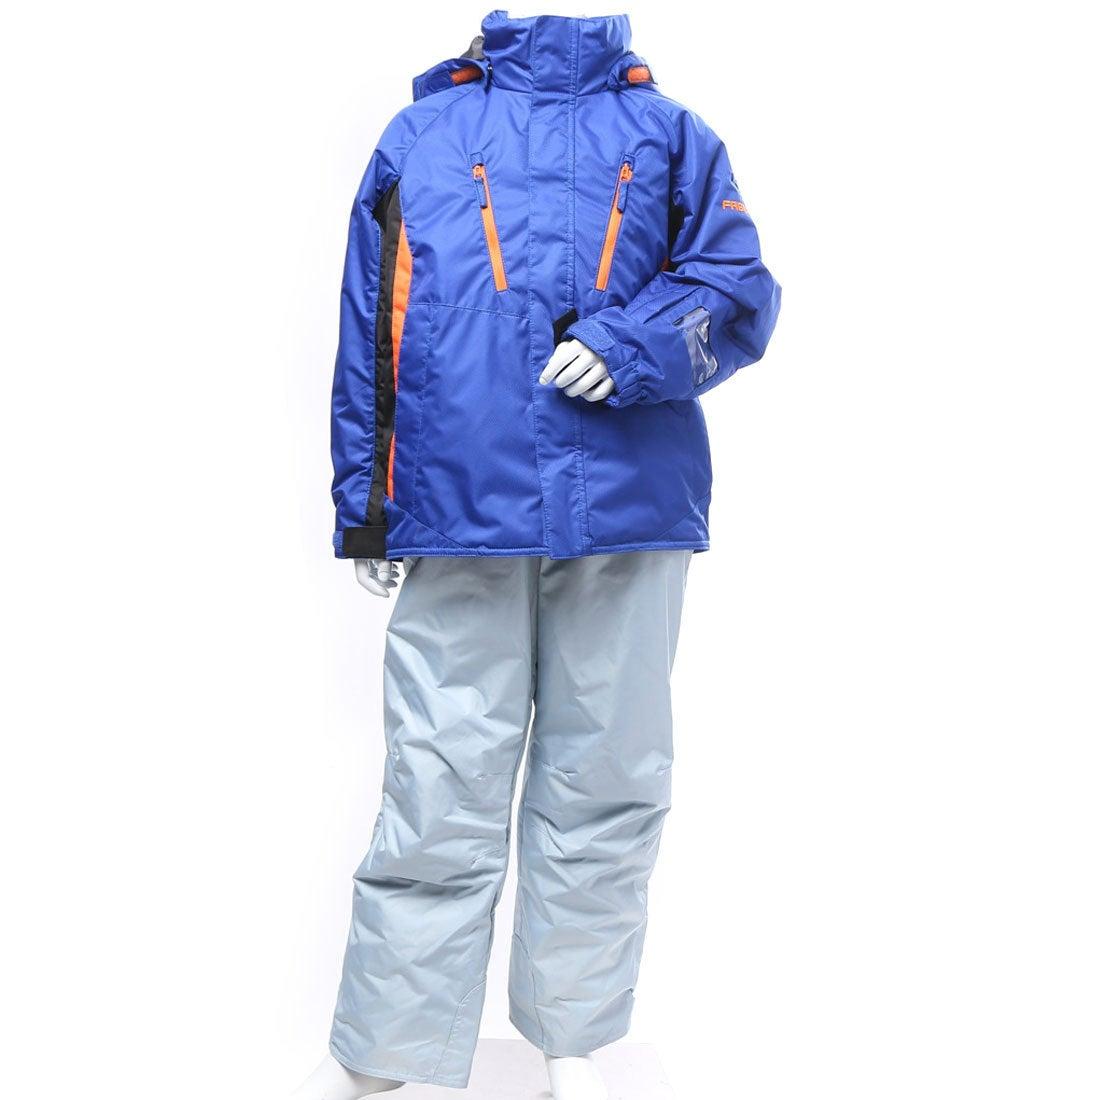 ロコンド 靴とファッションの通販サイトファブリスFABLICEジュニアスキーウェア上下セットFA-6J45087T